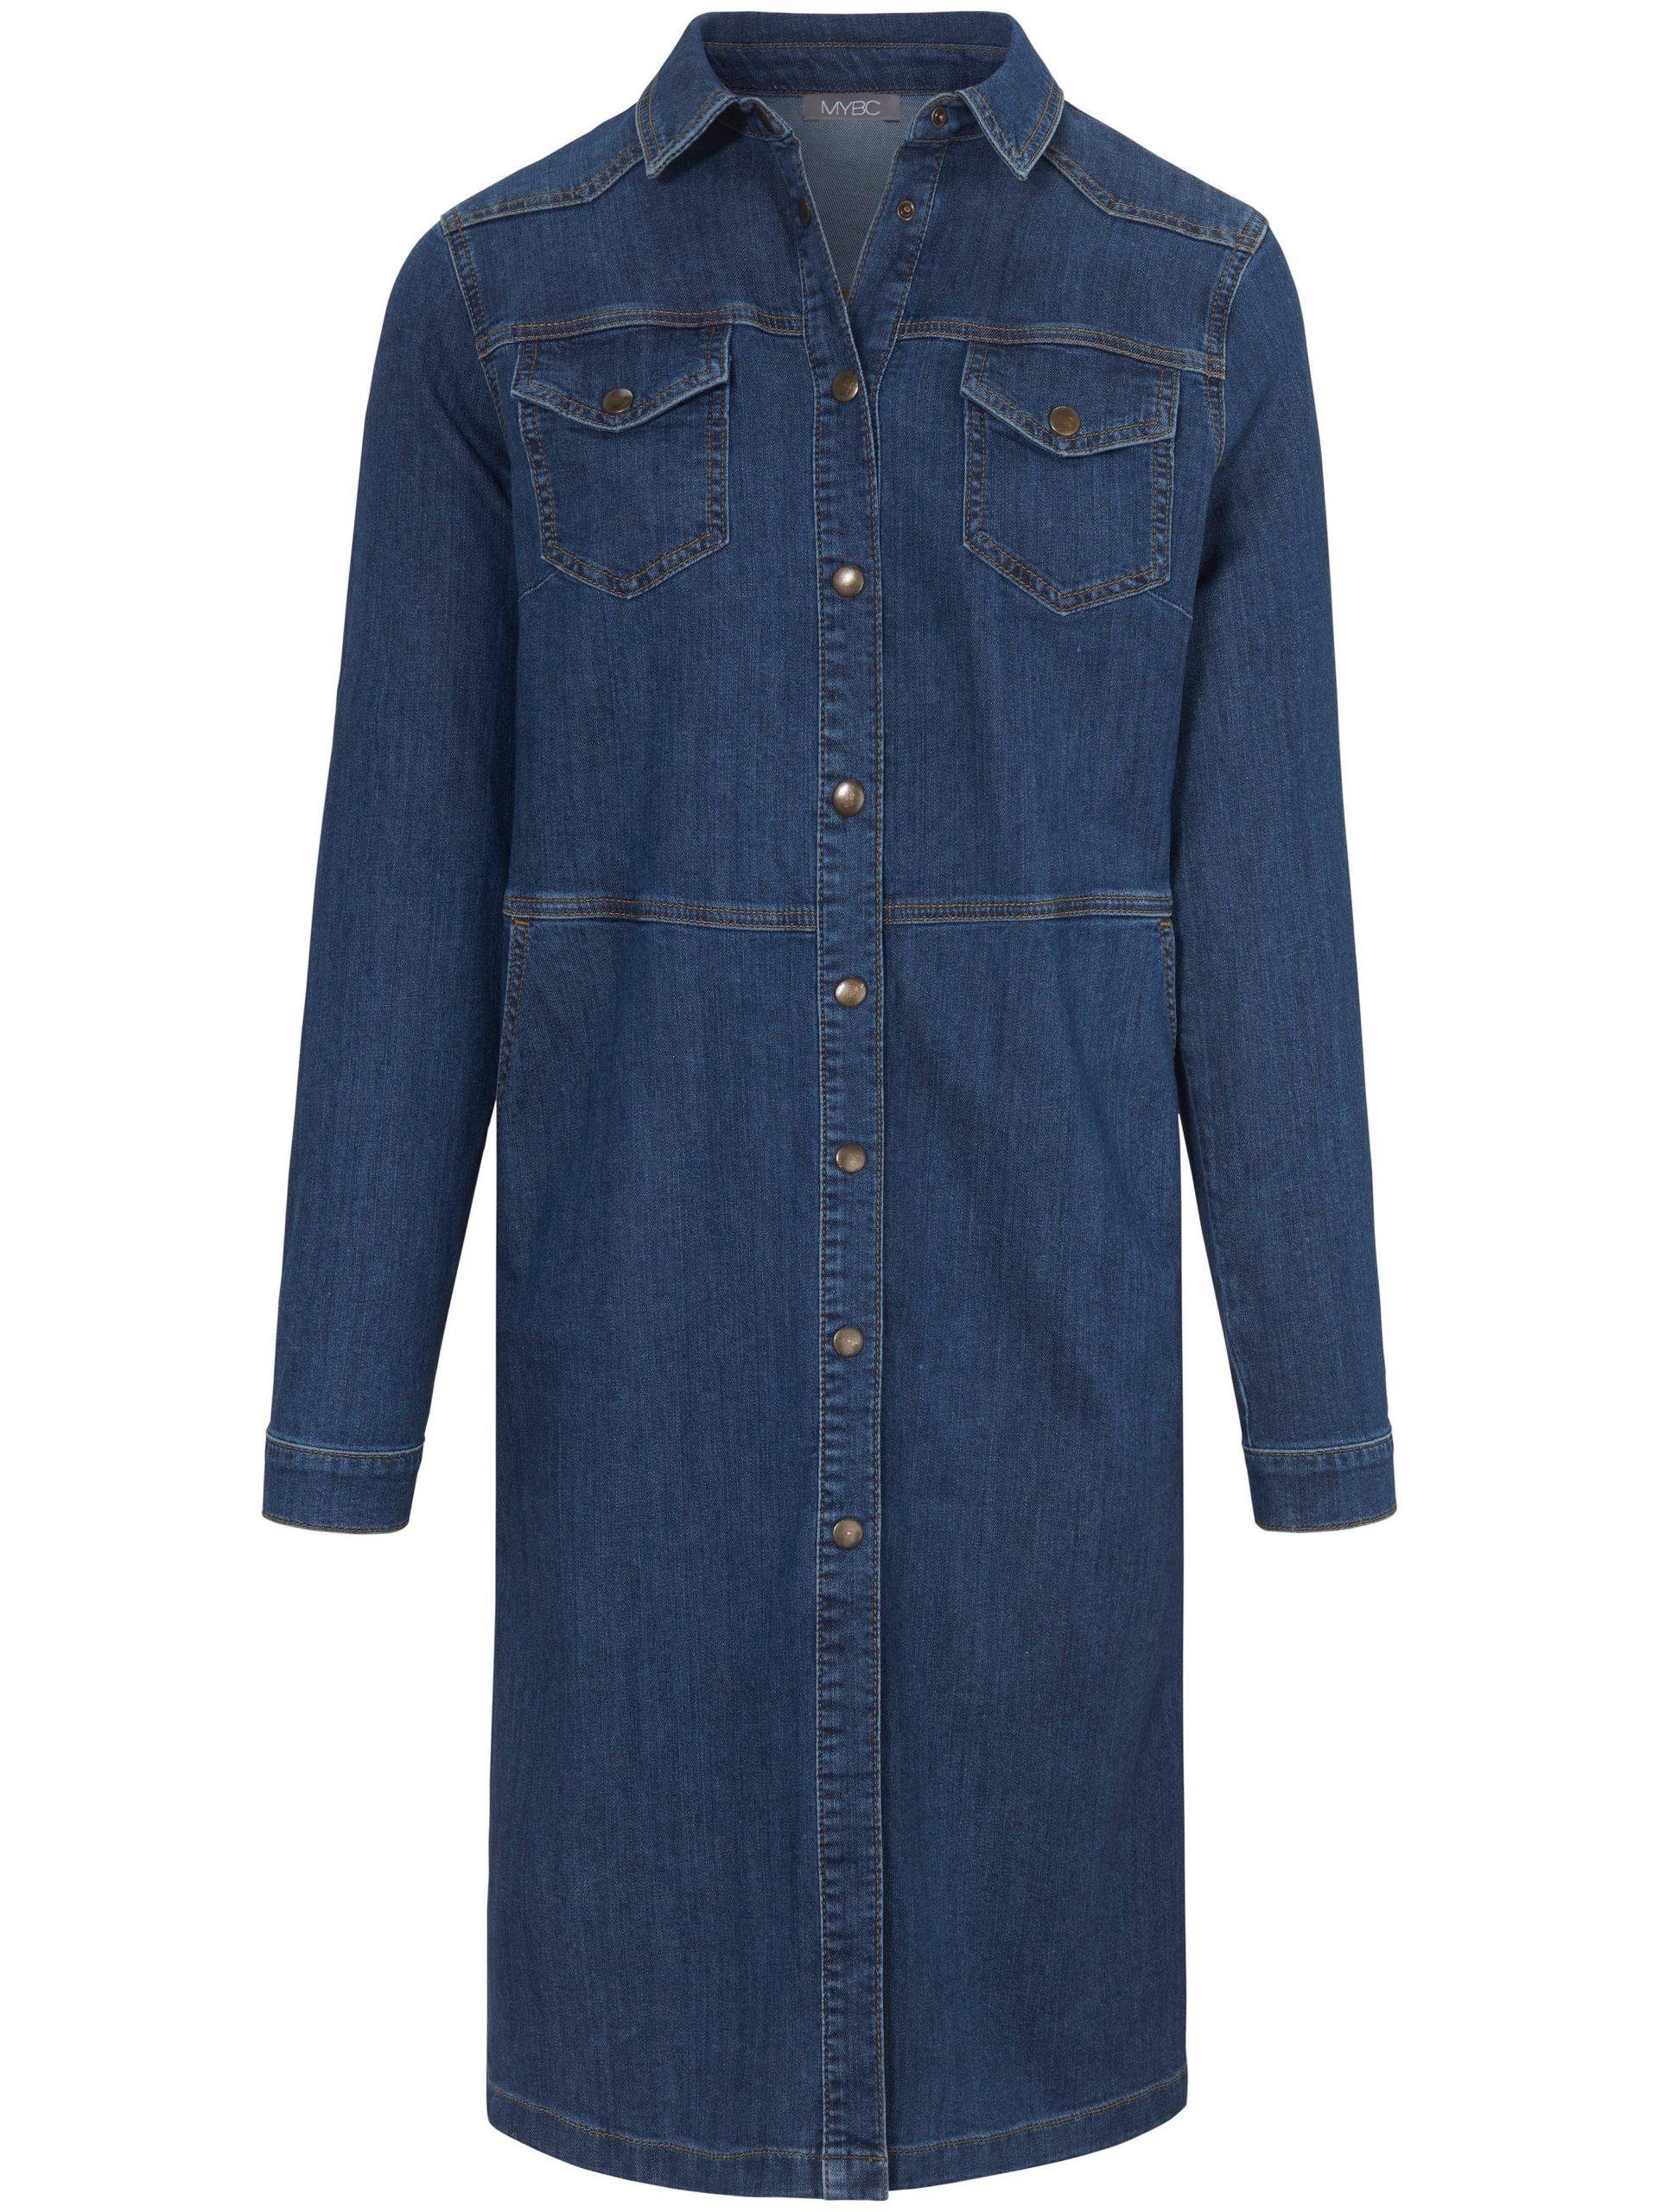 Jeansjurk in recht model Van MYBC denim Kopen